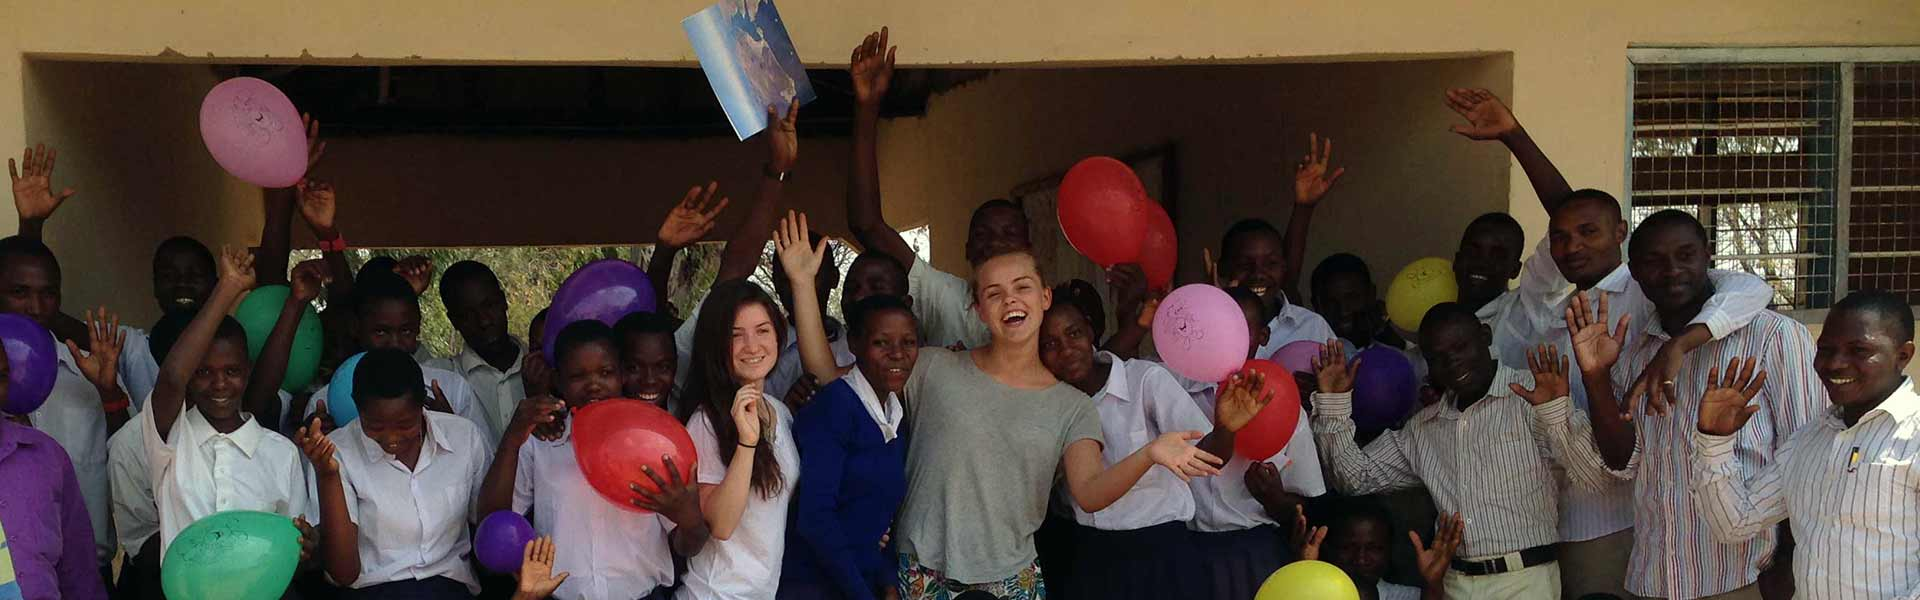 AiDucatius hỗ trợ xây trường cho trẻ em các nước Châu Phi